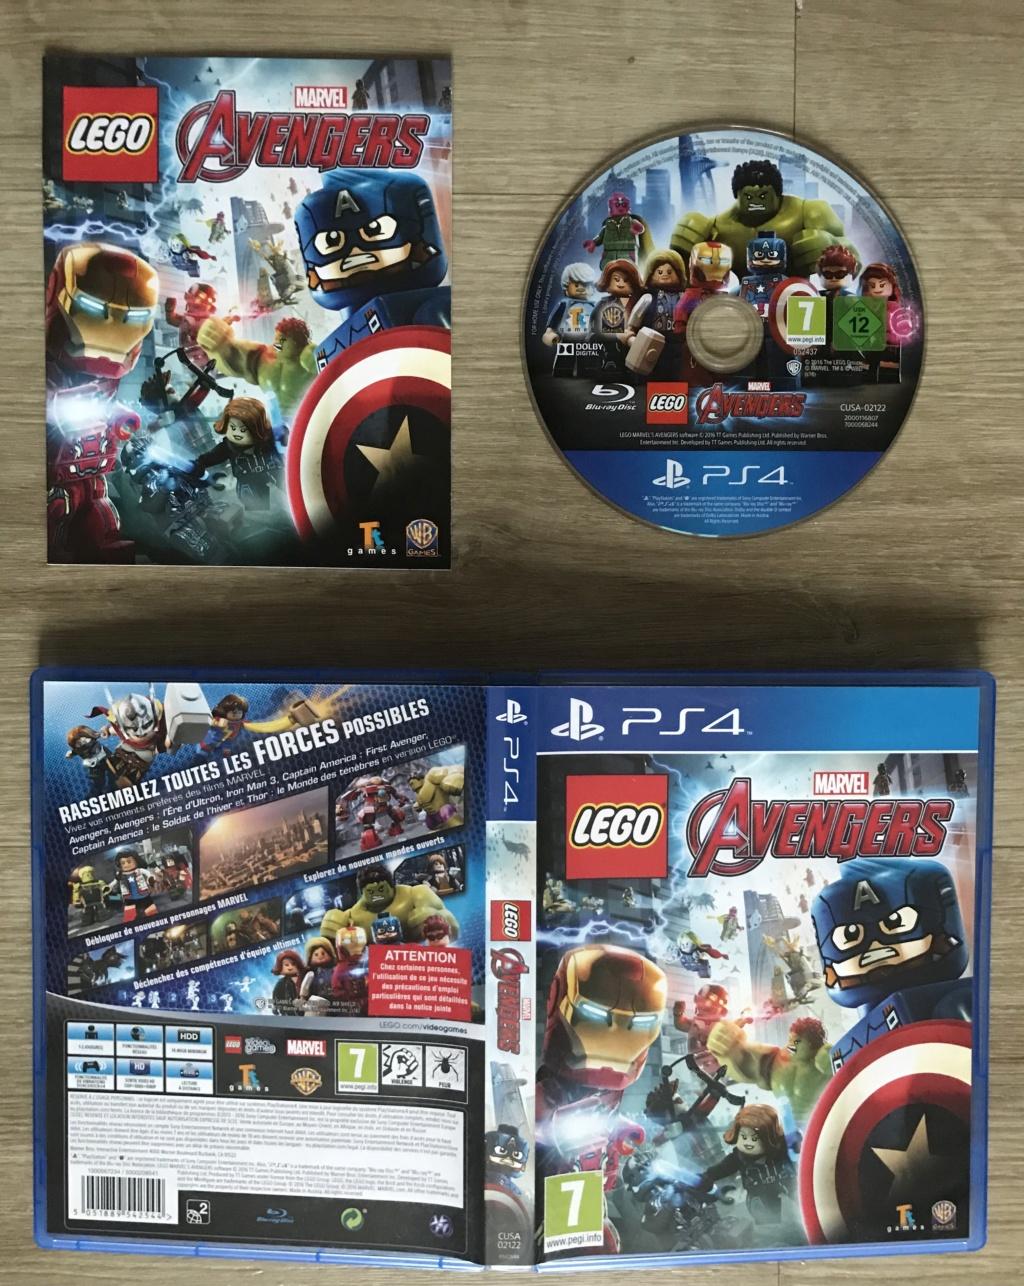 LEGO : Avengers 233f9410